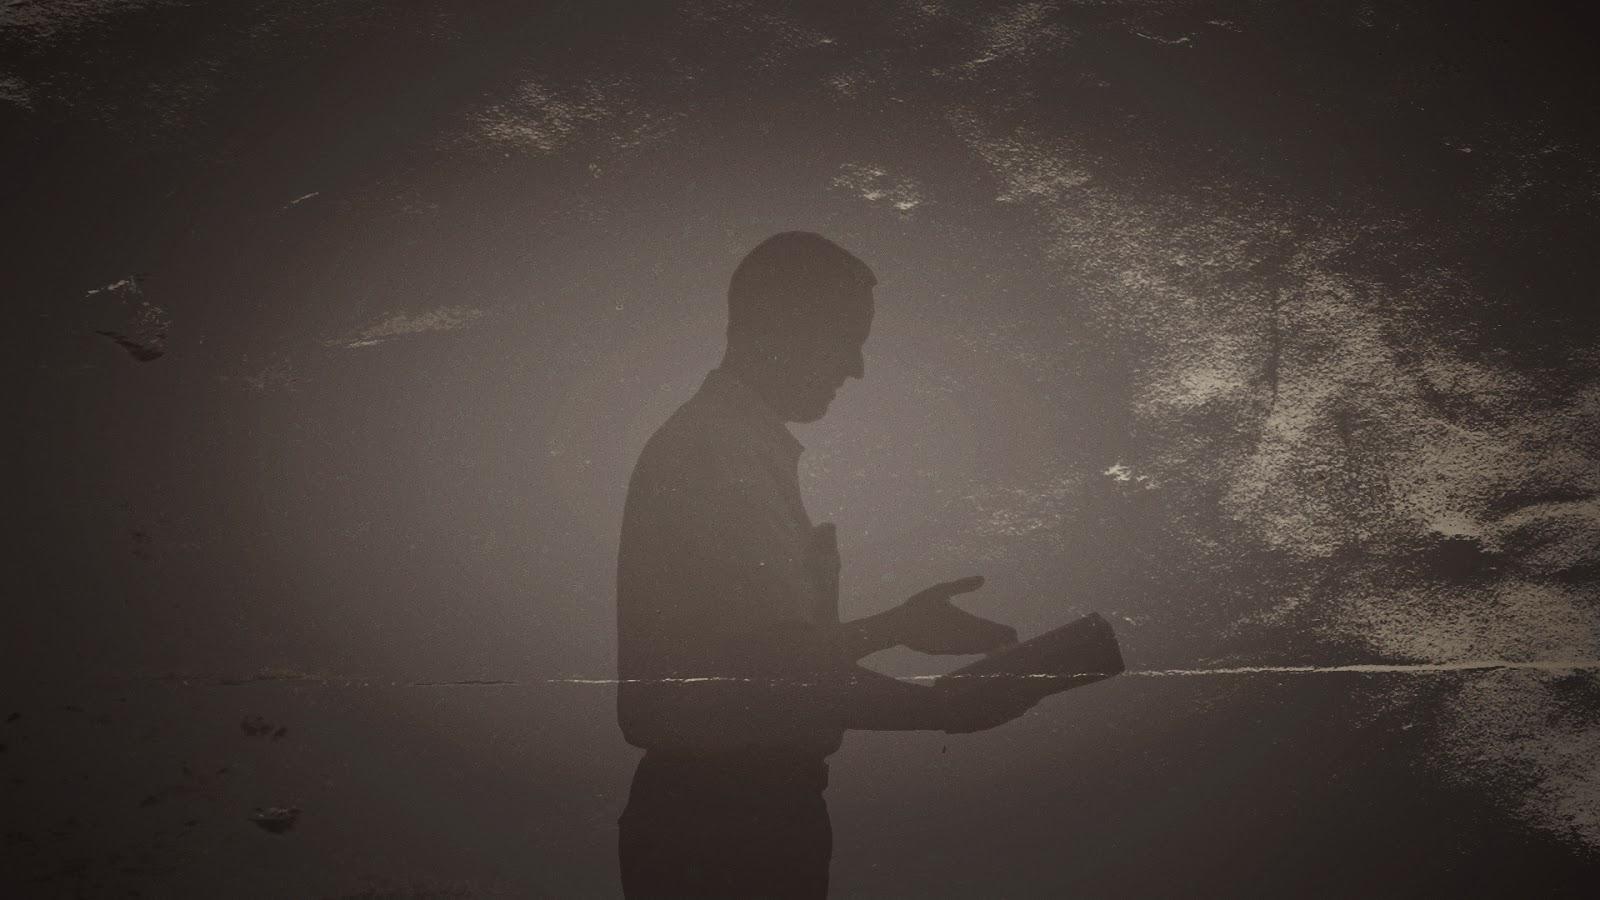 Αποτέλεσμα εικόνας για Κηρύγματα αλήθειας και ζωής